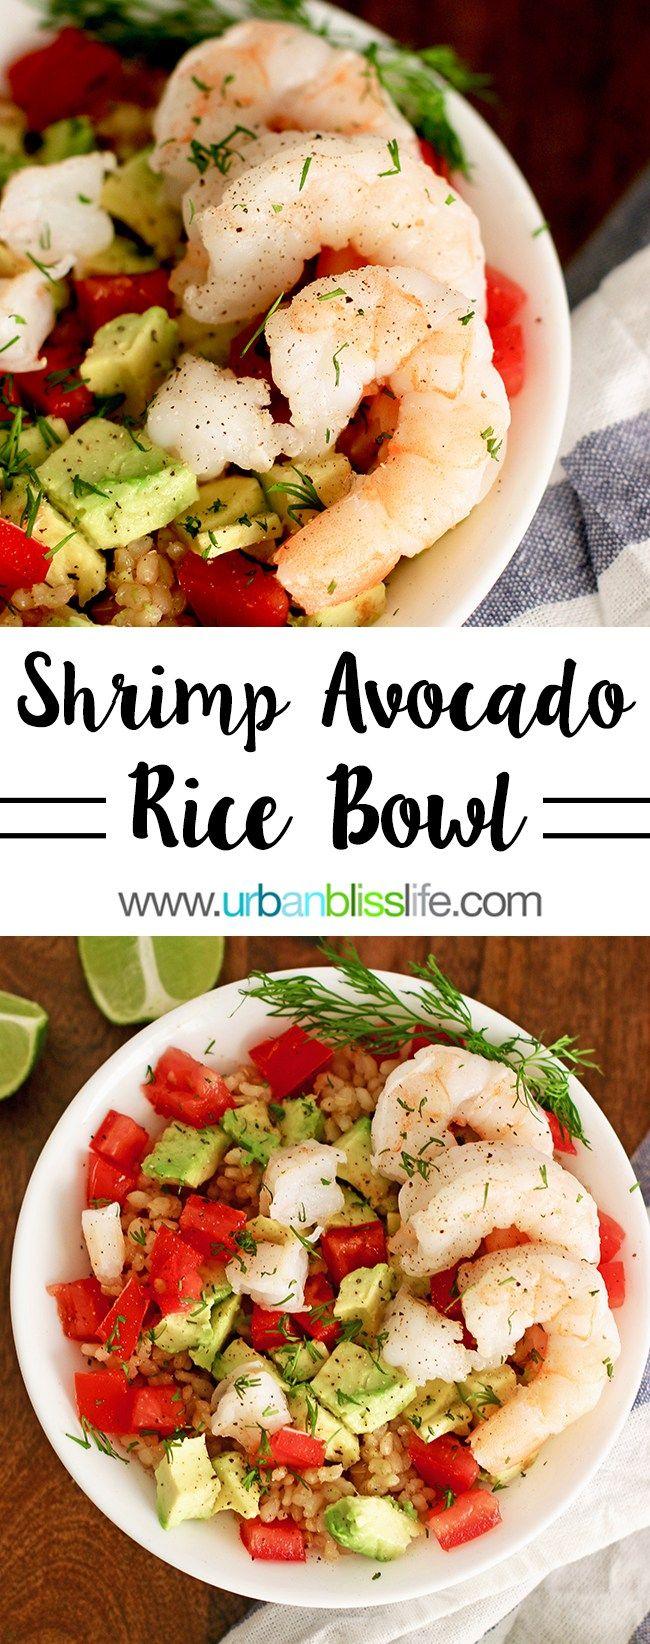 Shrimp Avocado Brown Rice Bowl